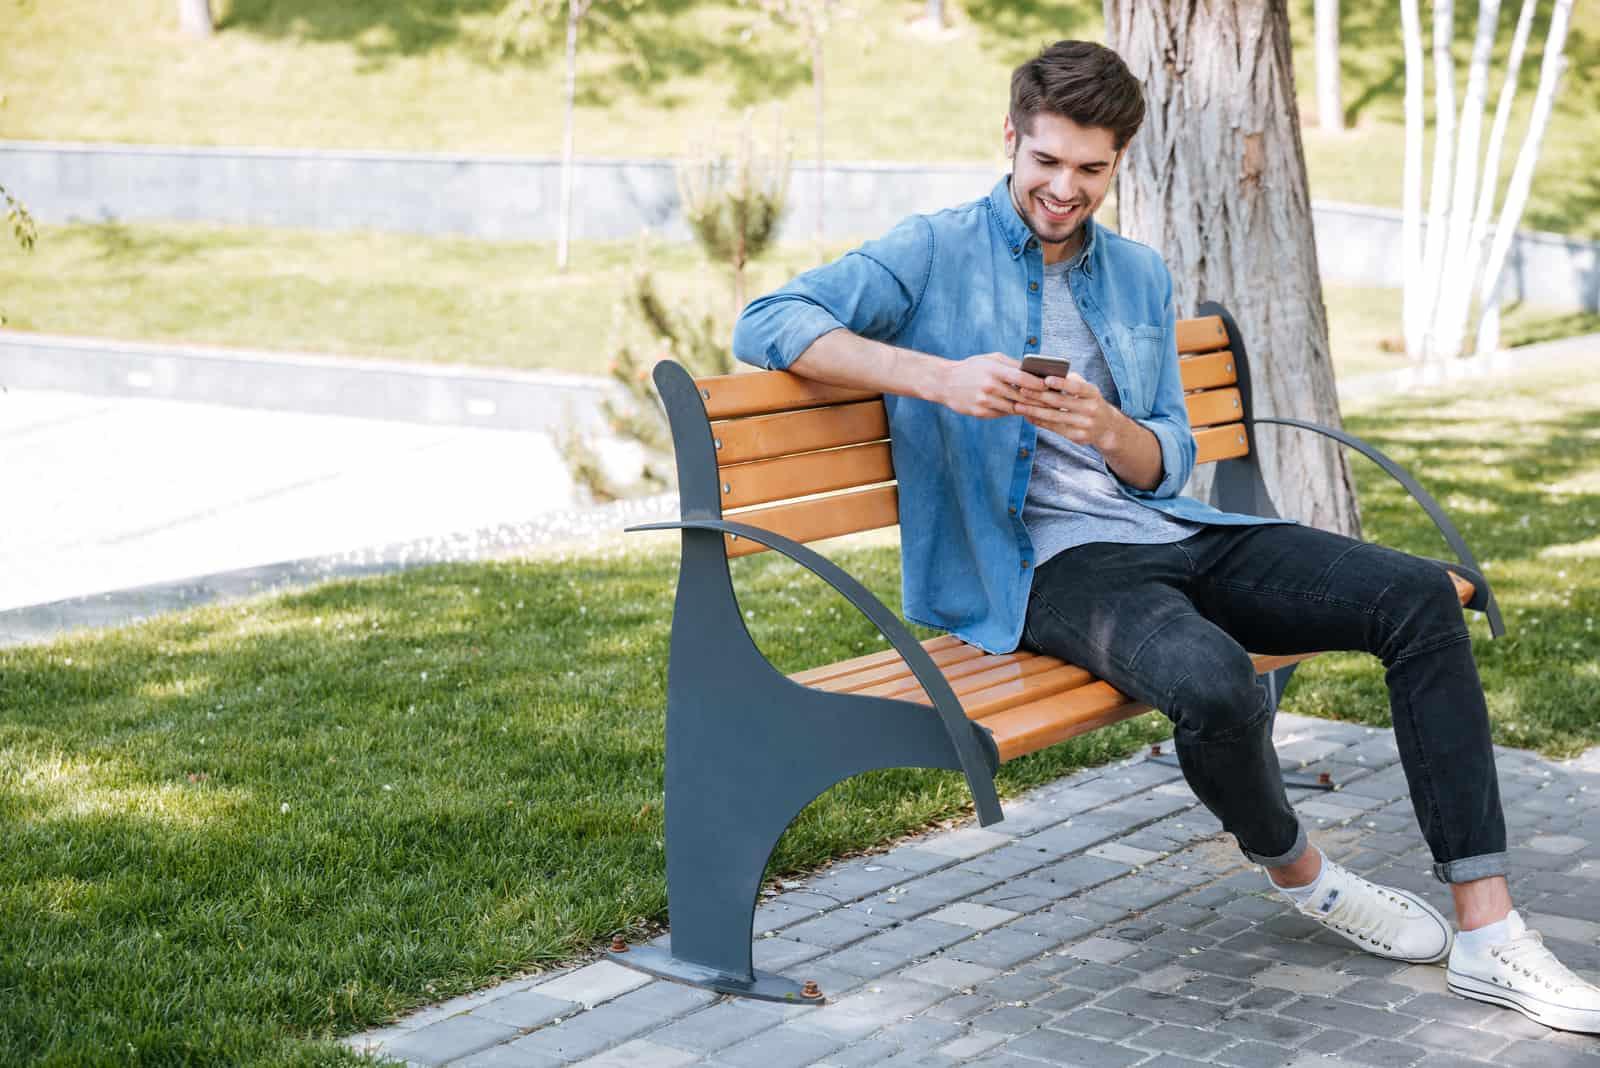 un homme souriant est assis sur un banc de parc et des touches au téléphone